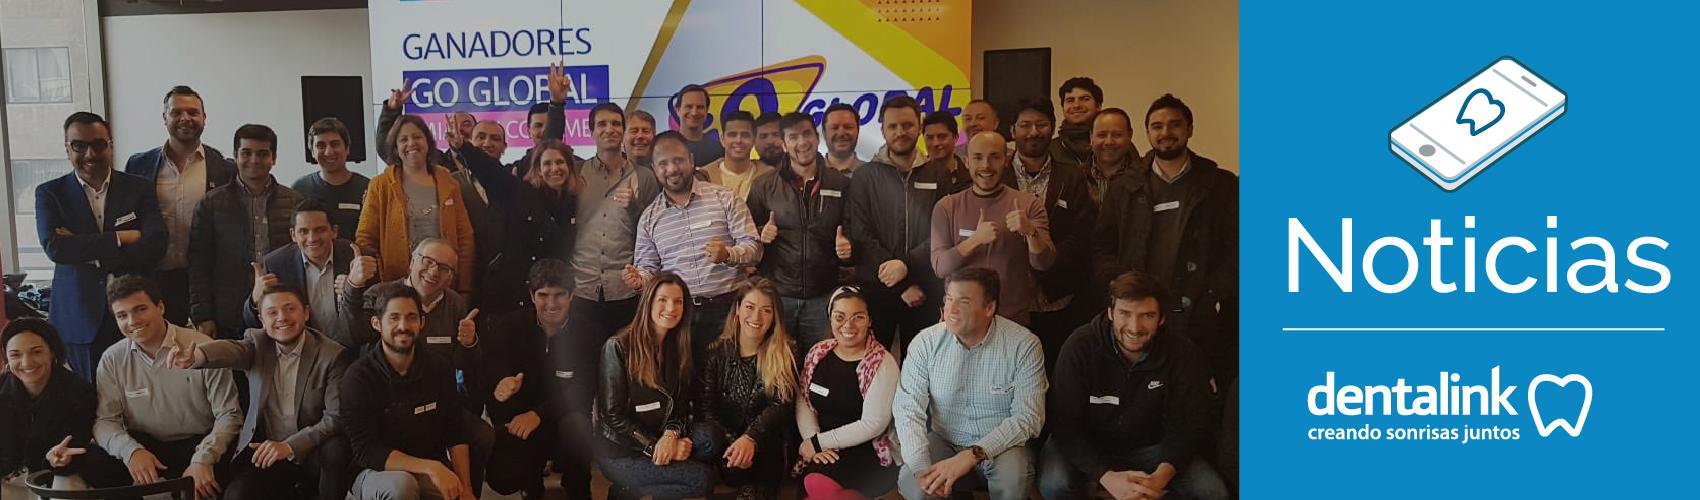 Dentalink fortalece su impacto en Colombia junto con GoGlobal